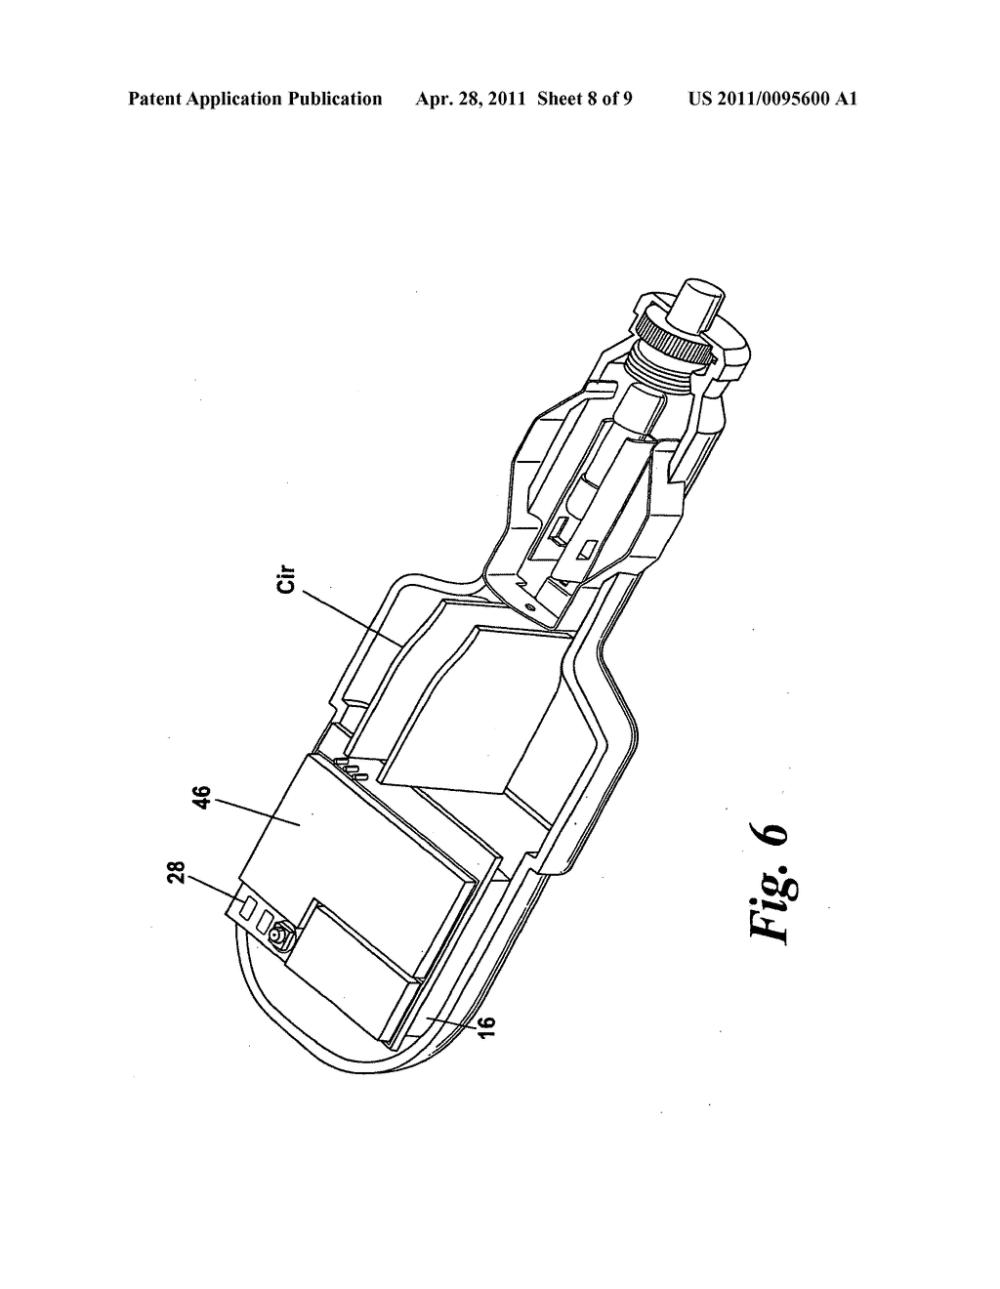 medium resolution of cigarette lighter schematic wiring diagram review car cigarette lighter schematic cigarette lighter schematic